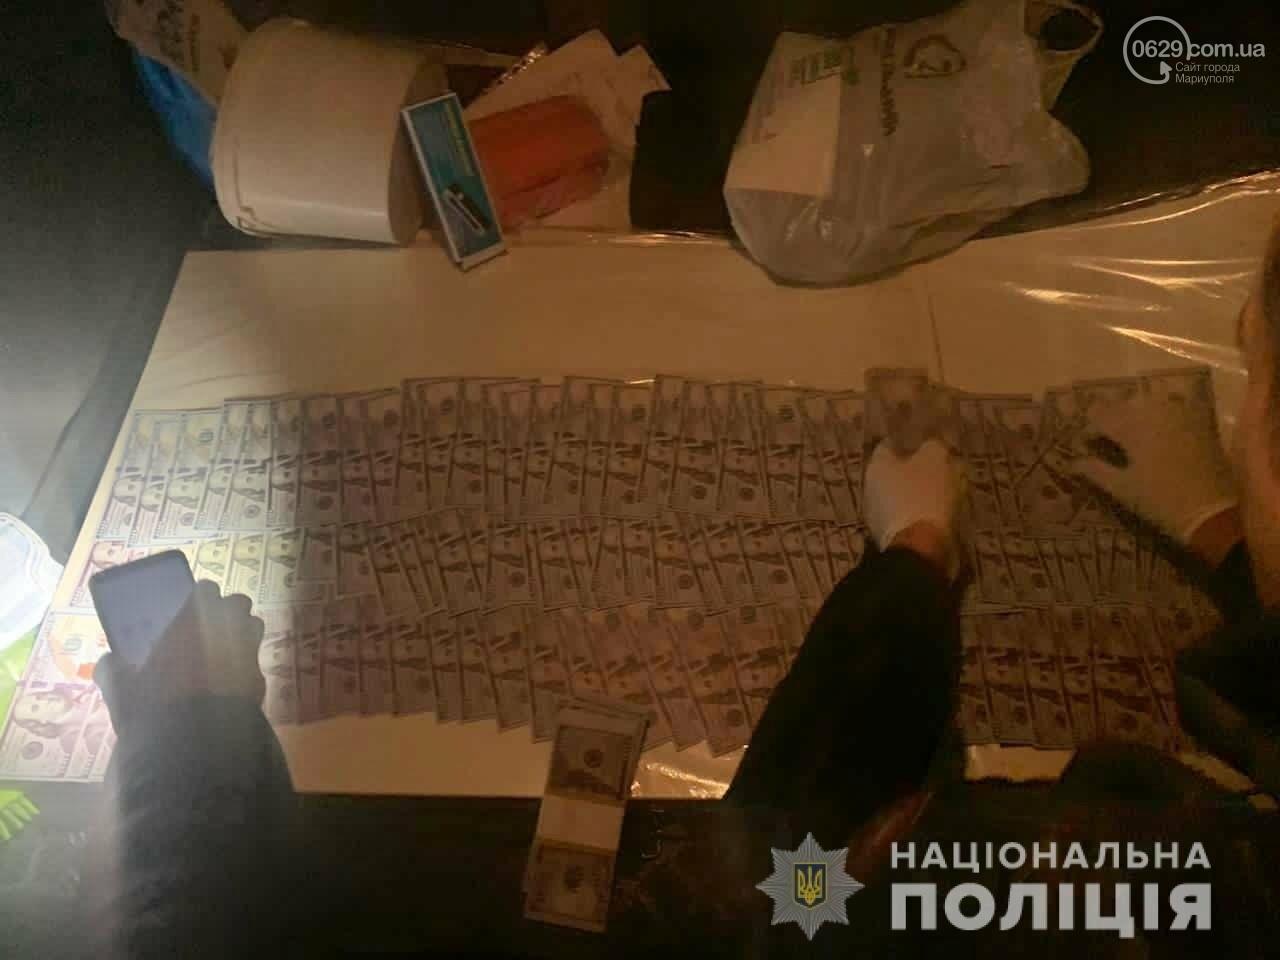 В Мариуполе задержаны чиновники за долларовую взятку, - ФОТО, фото-3